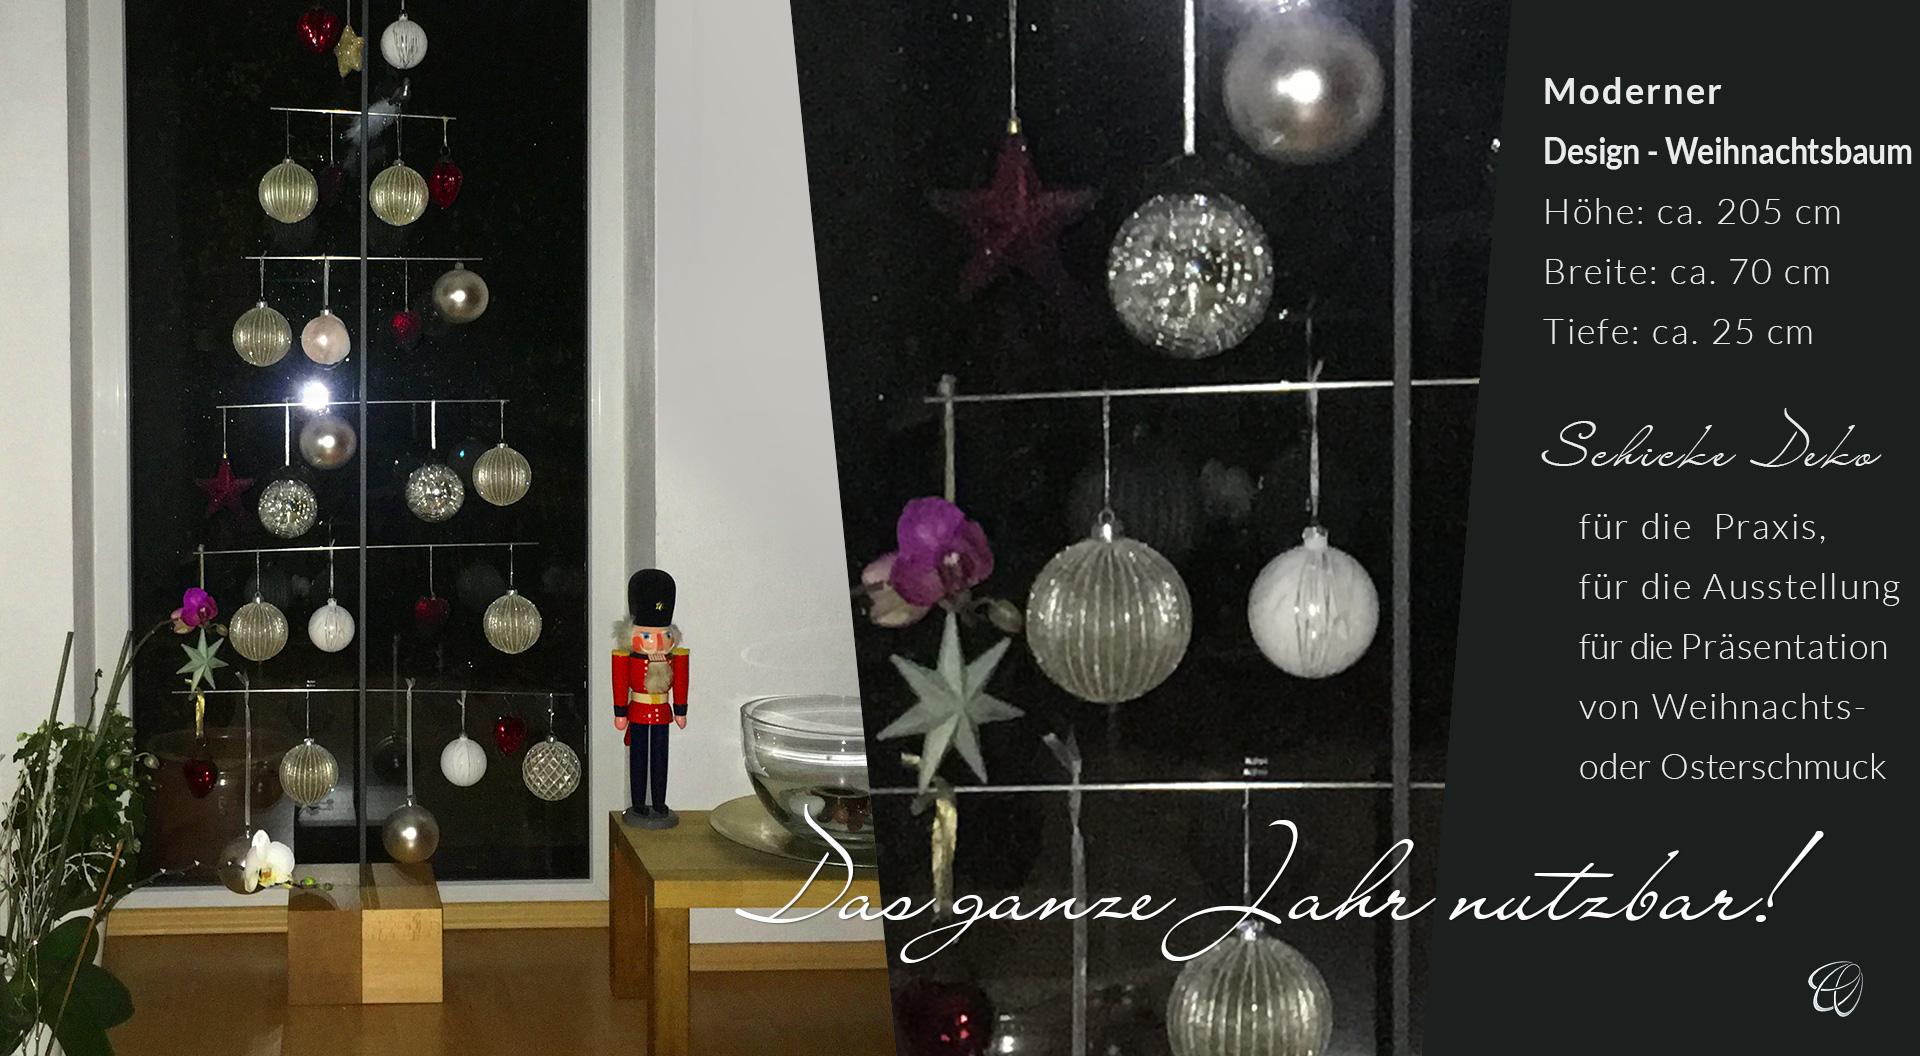 Moderner Design Weihnachtsbaum Aus Edelstahl Holz Und